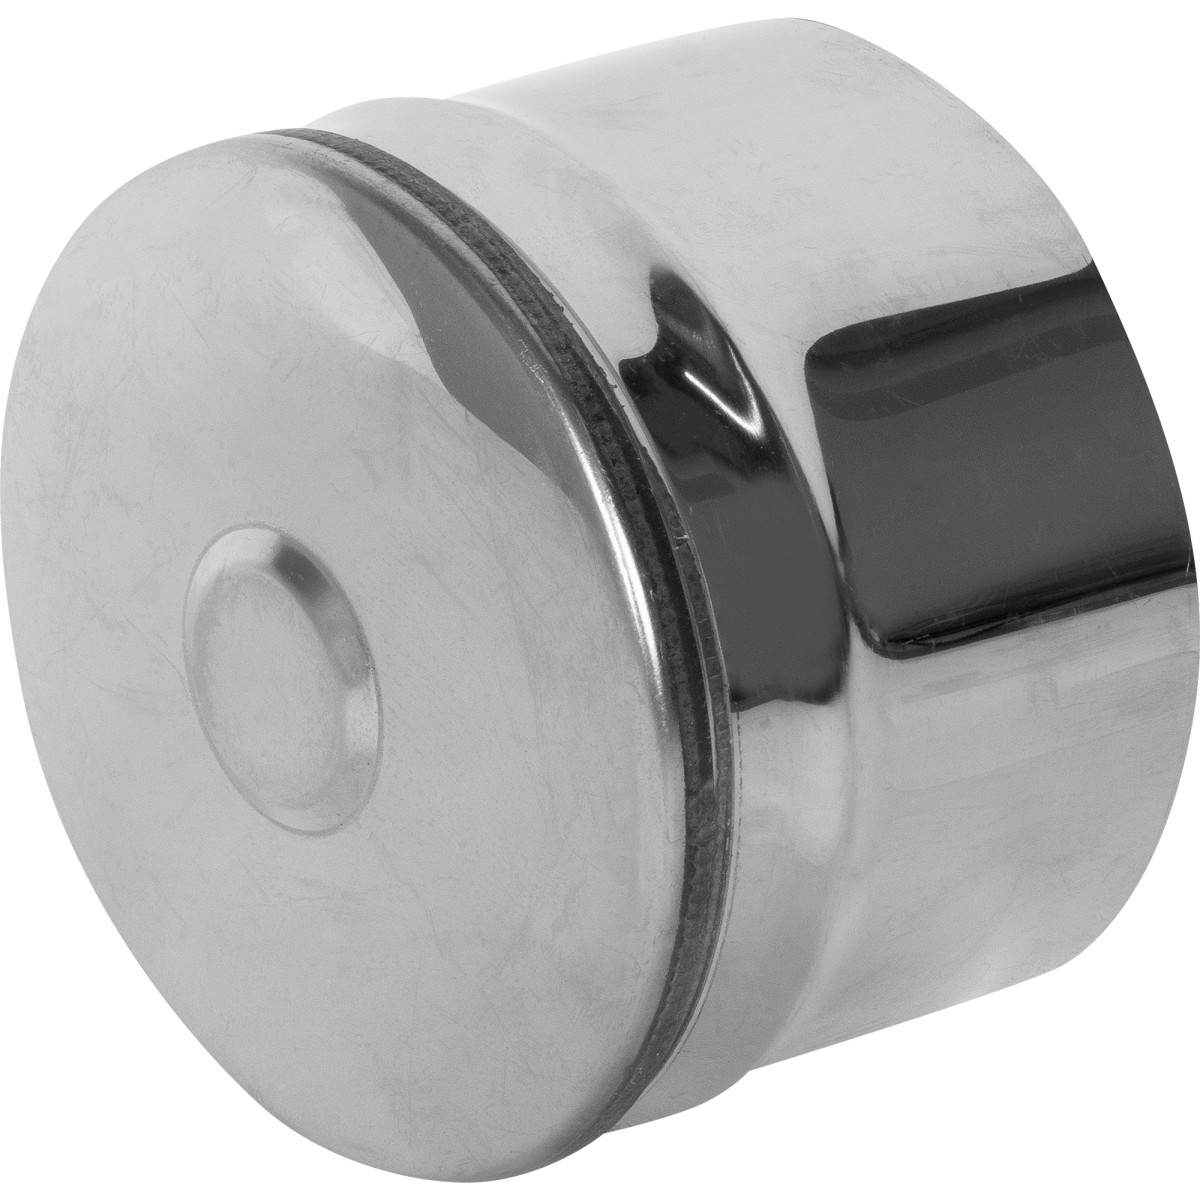 Заглушка глухая 115х0.5 мм нержавеющая сталь